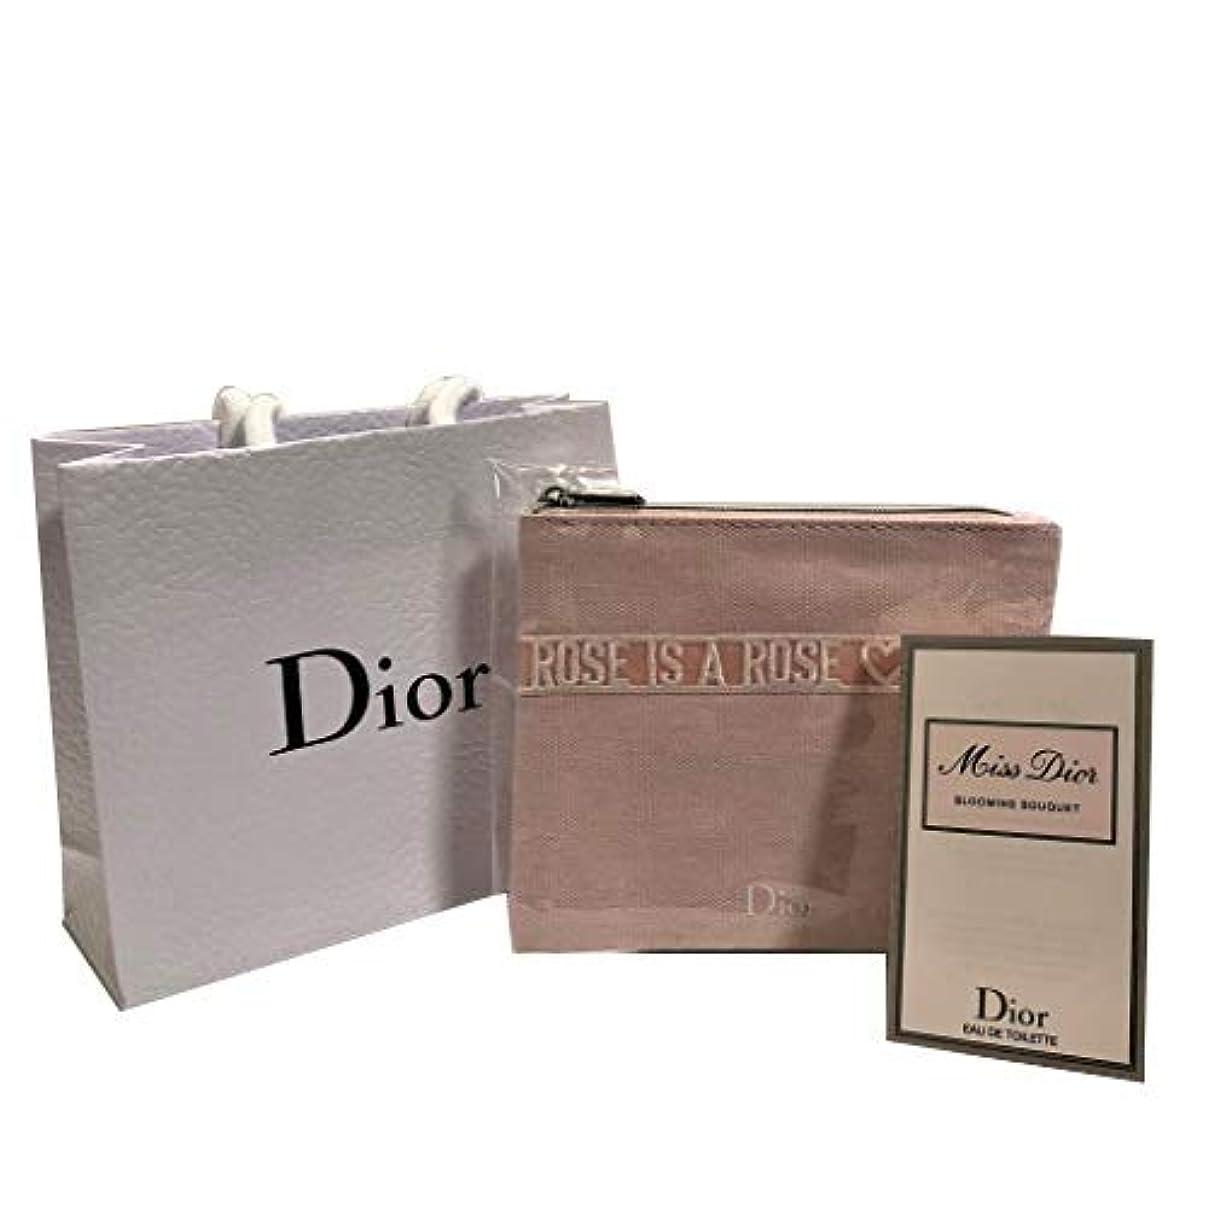 Dior ディオール ミニポーチセット( ミス ディオール ブルーミング ブーケ EDT SP 1ml)